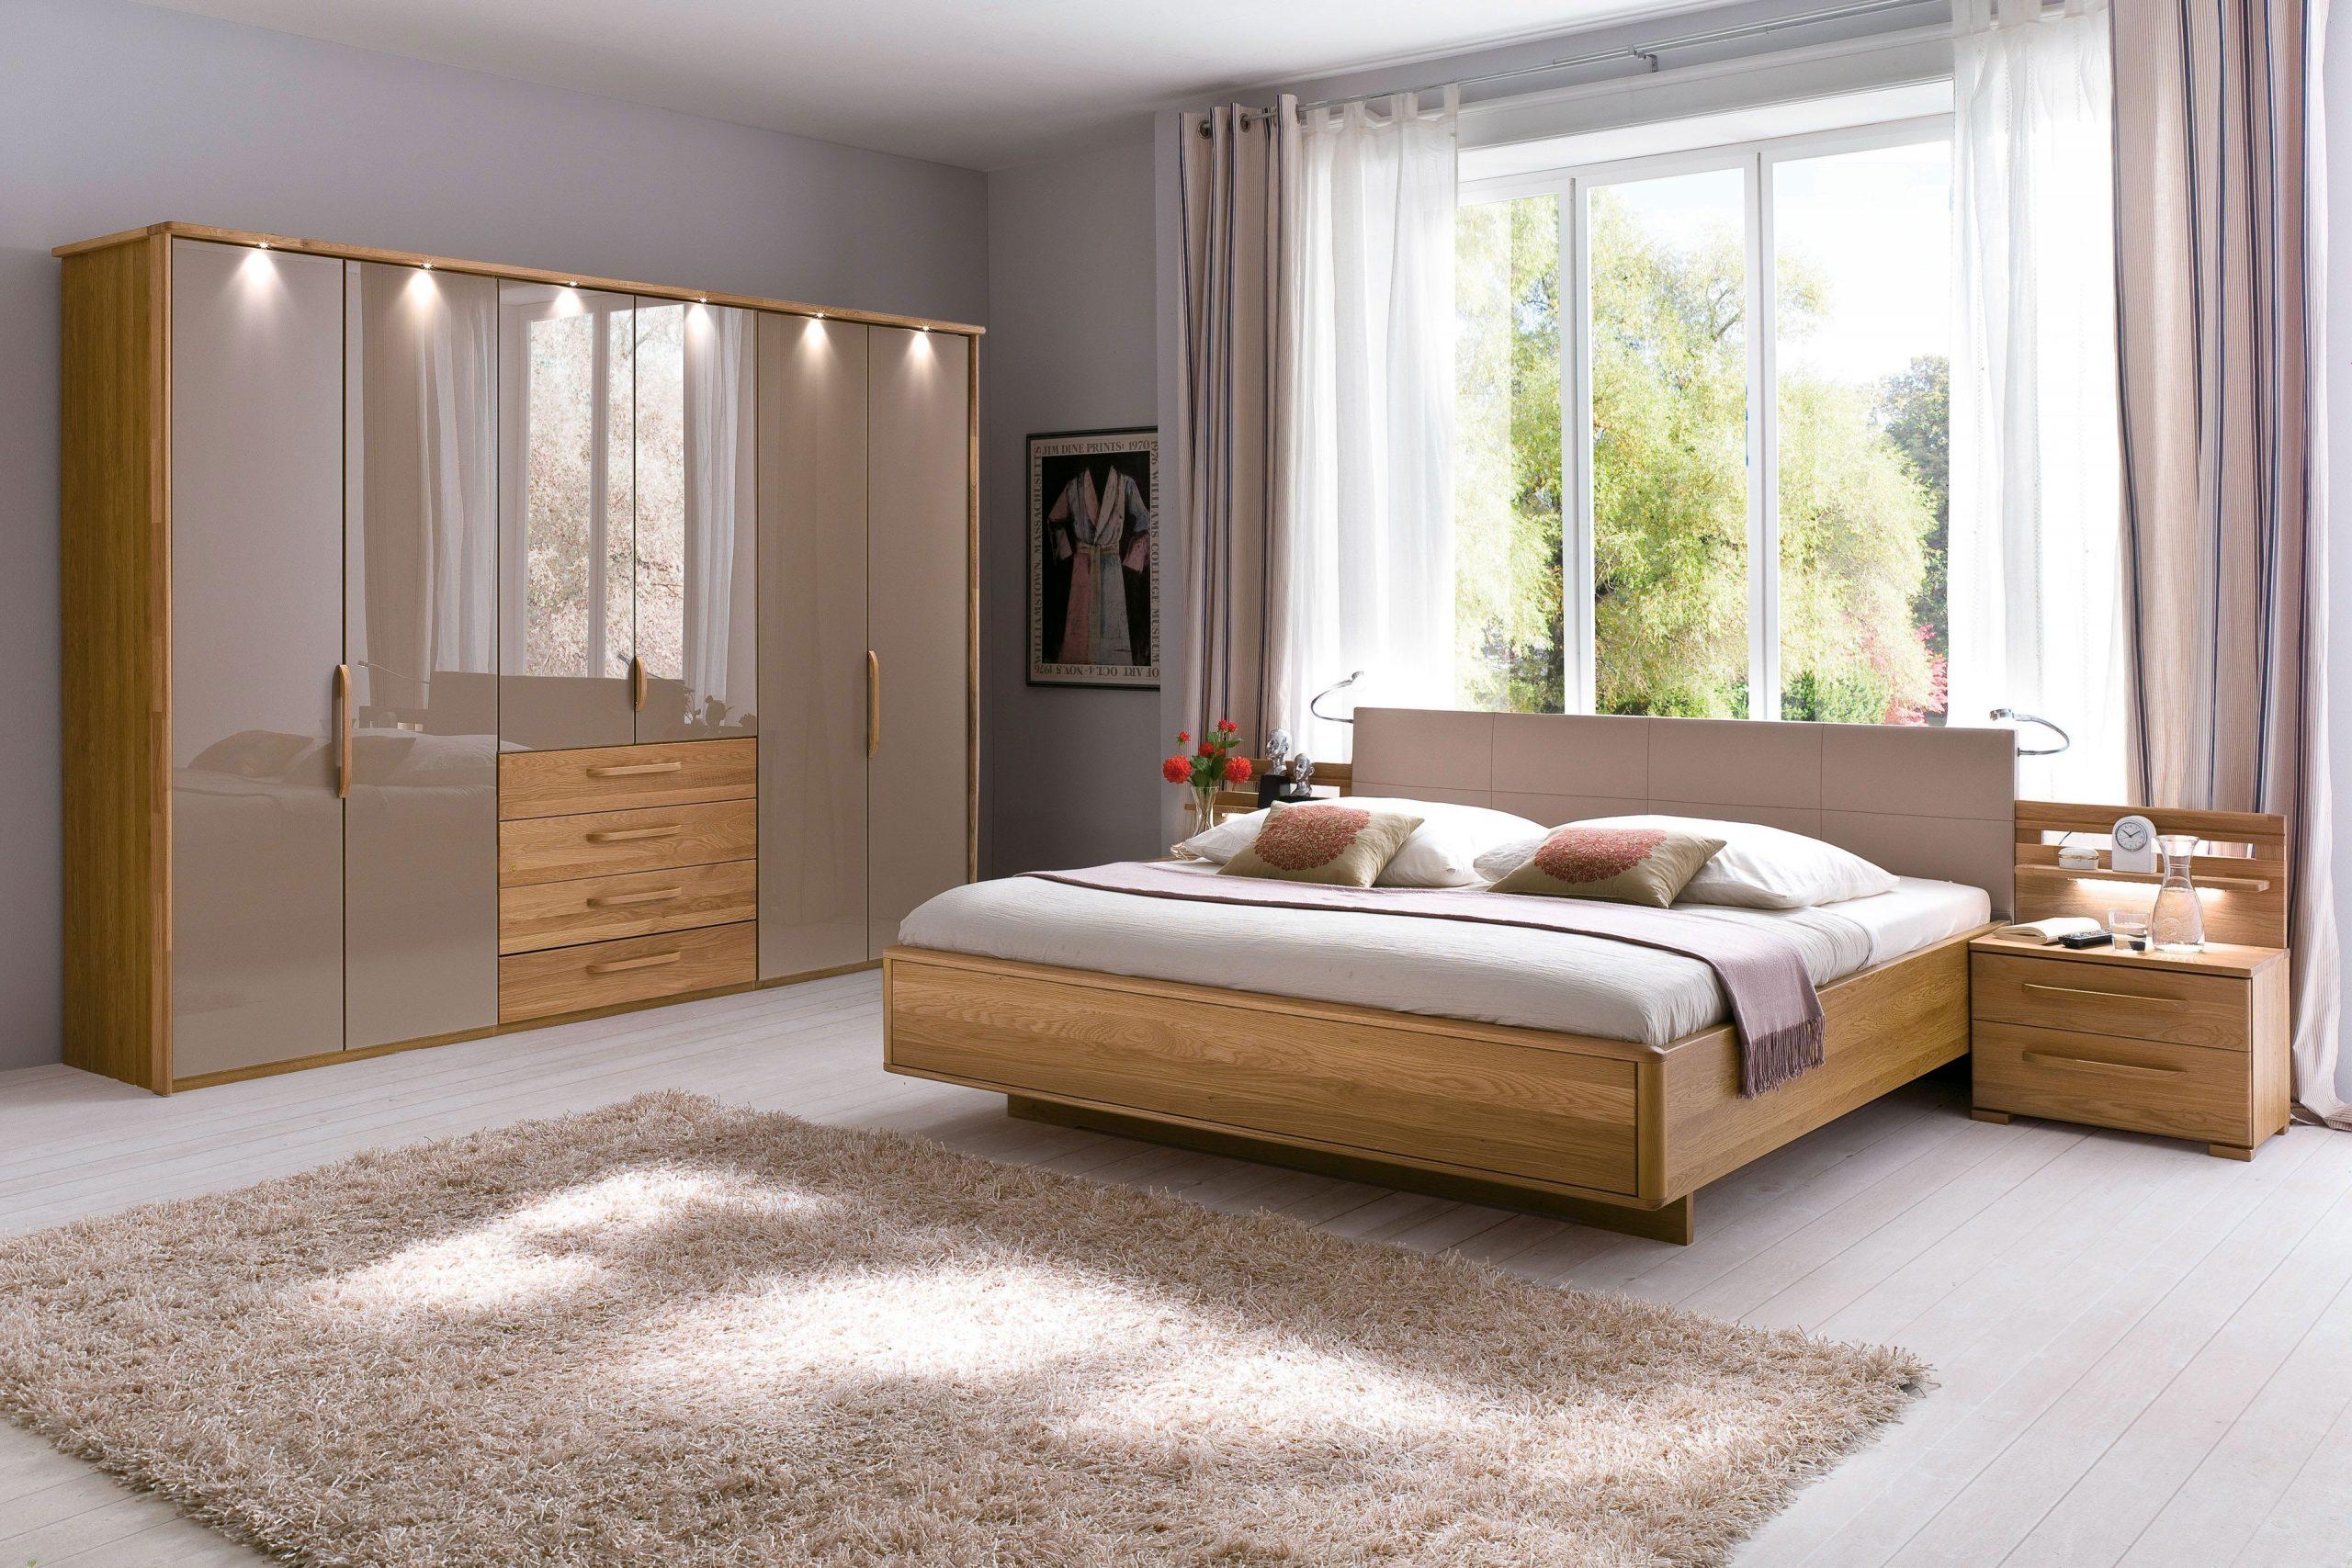 Full Size of Wiemann Schlafzimmer Loft Kommode Schrank Luxor 4 Shanghai Lido Cortina Torino Eiche Mbel Letz Ihr Online Shop Deckenleuchten Komplettes Kommoden Lampen Set Schlafzimmer Wiemann Schlafzimmer